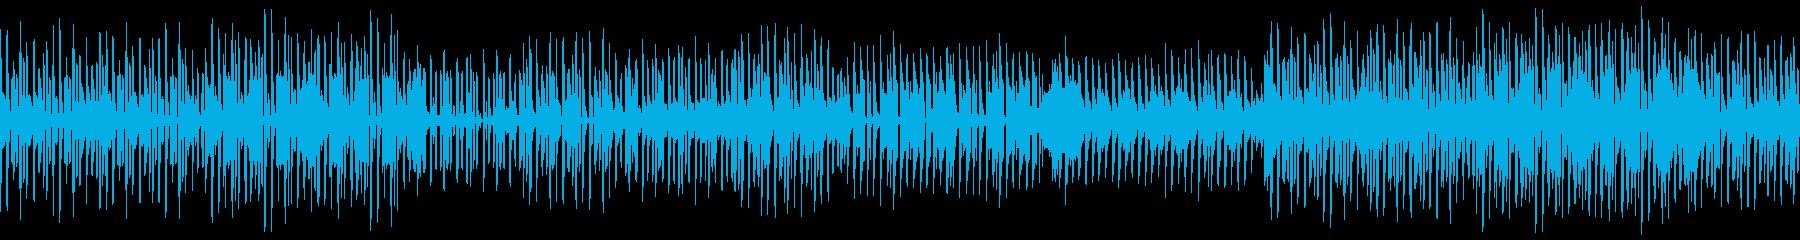 ソリッドな印象のレトロテクノBGMの再生済みの波形